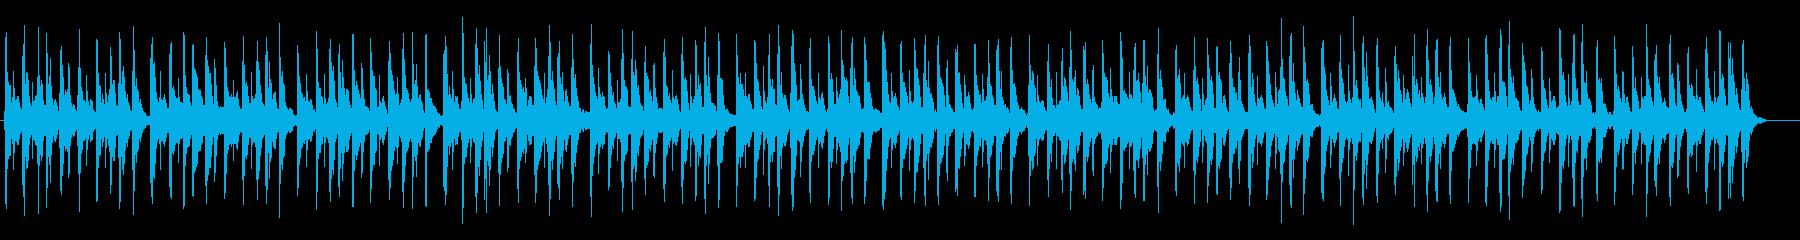 アフリカ民族楽器をイメージしたBGMの再生済みの波形